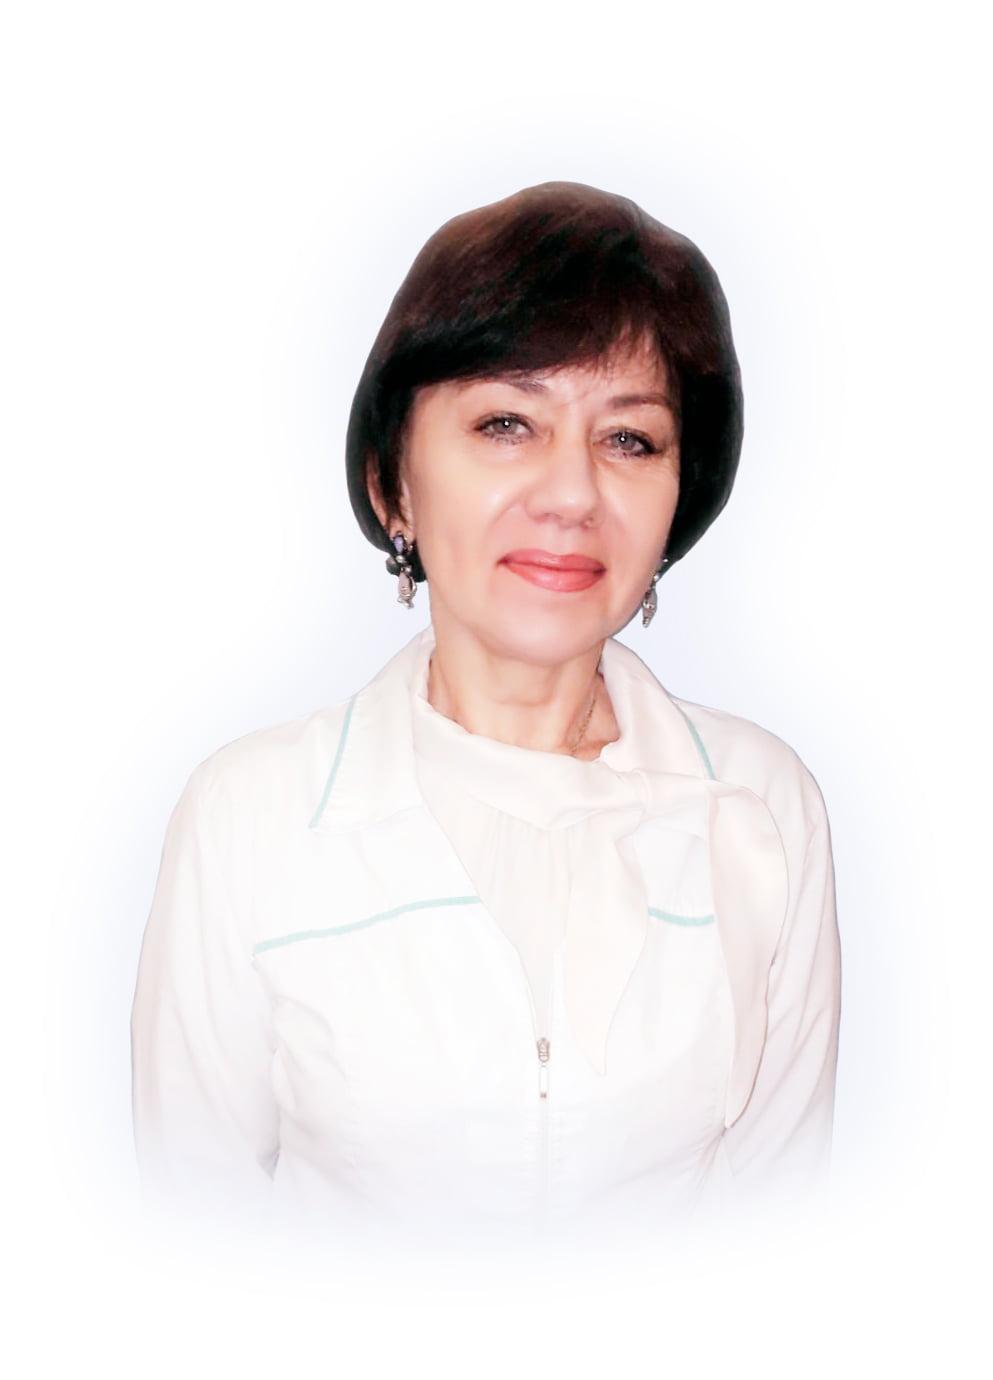 Чумаченко Лариса Михайловна - сомнолог, кардиолог, врач функциональной диагностики